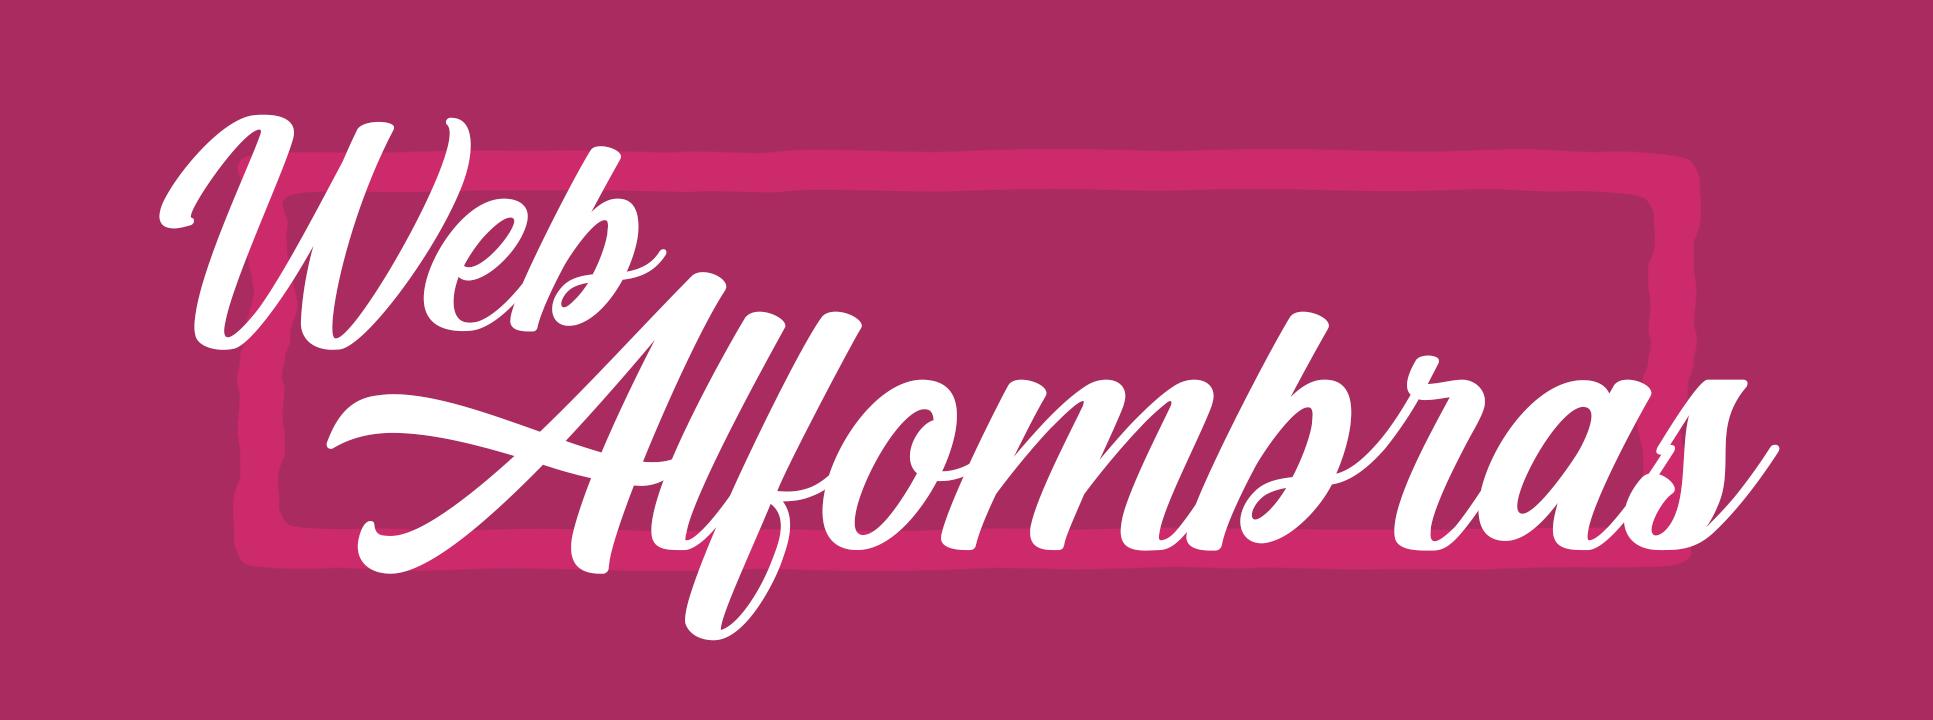 Web Alfombras